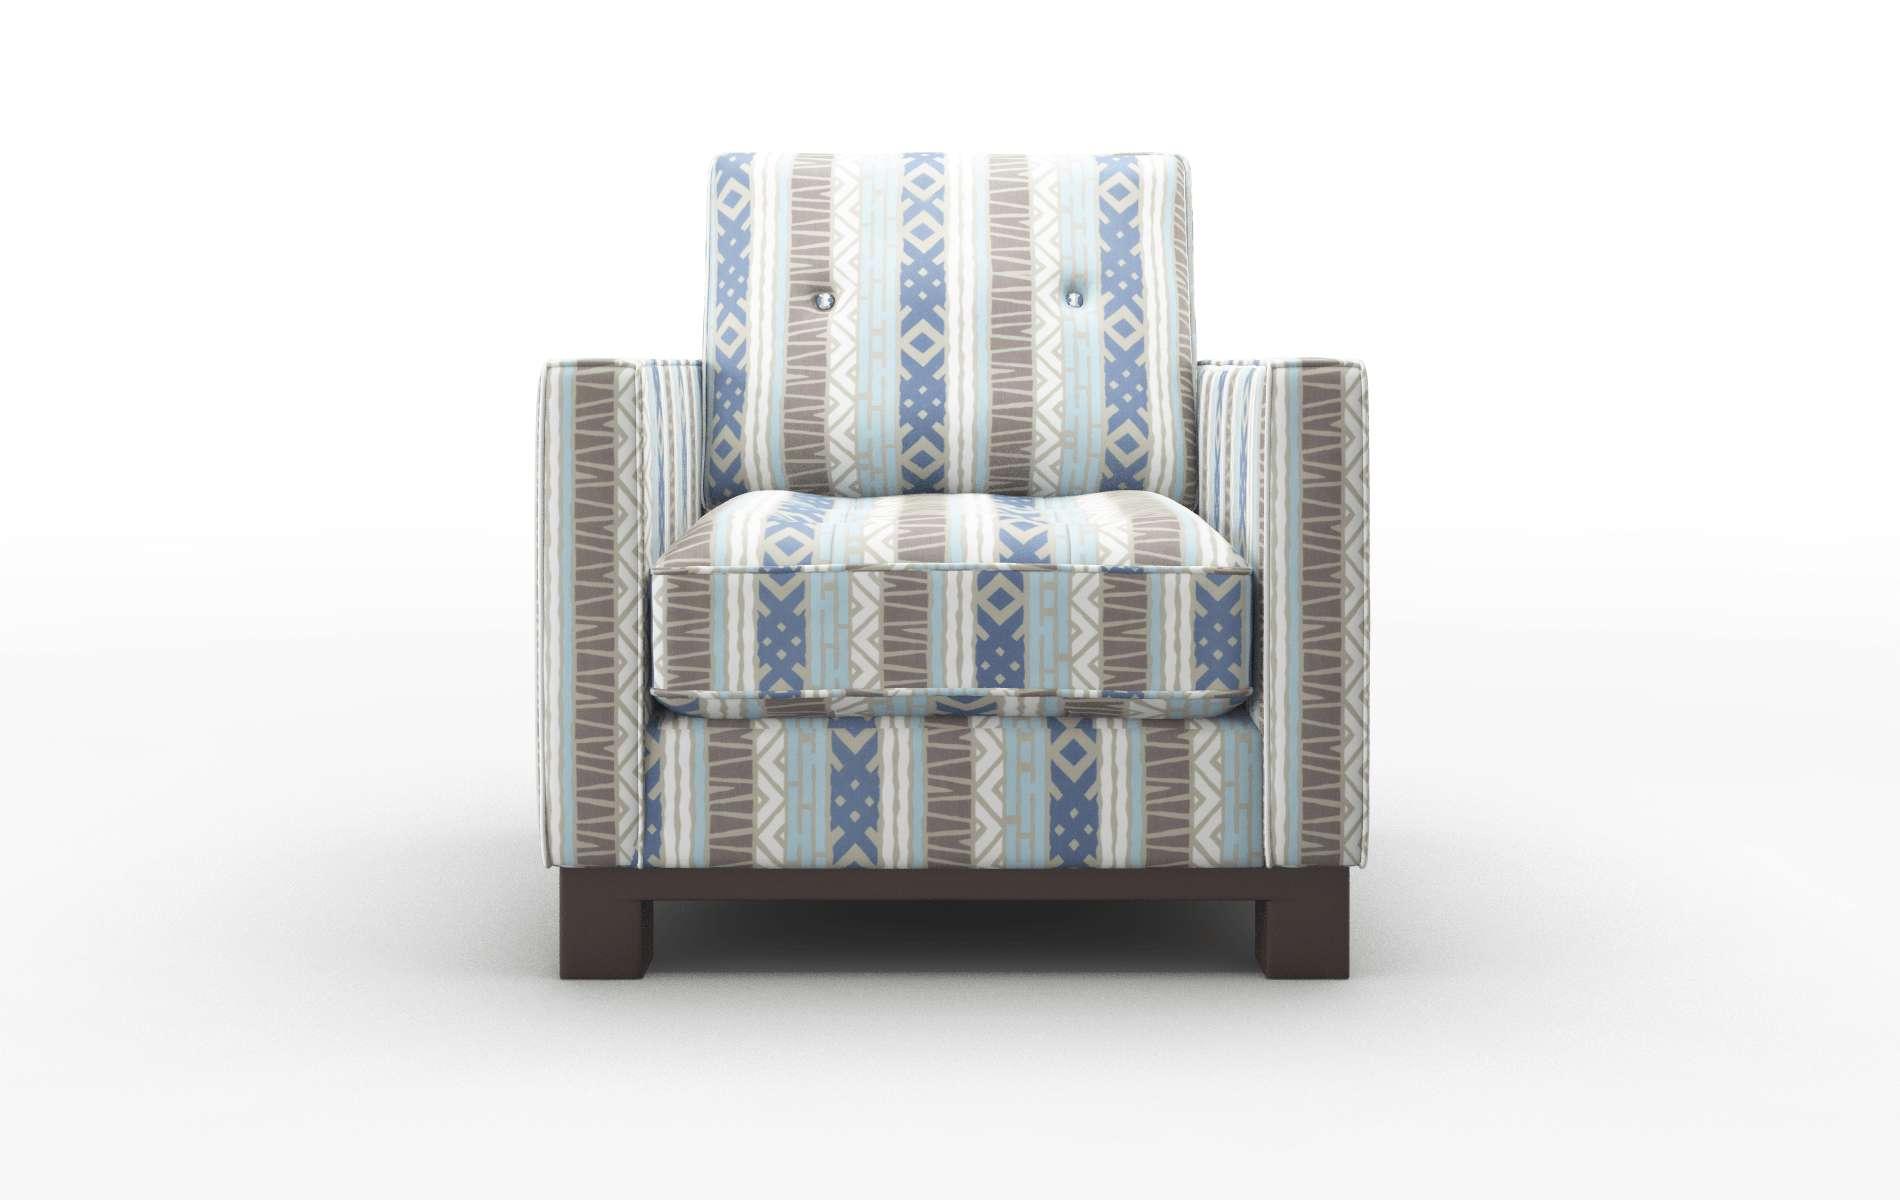 Syros Bodhi Indigo Chair espresso legs 1